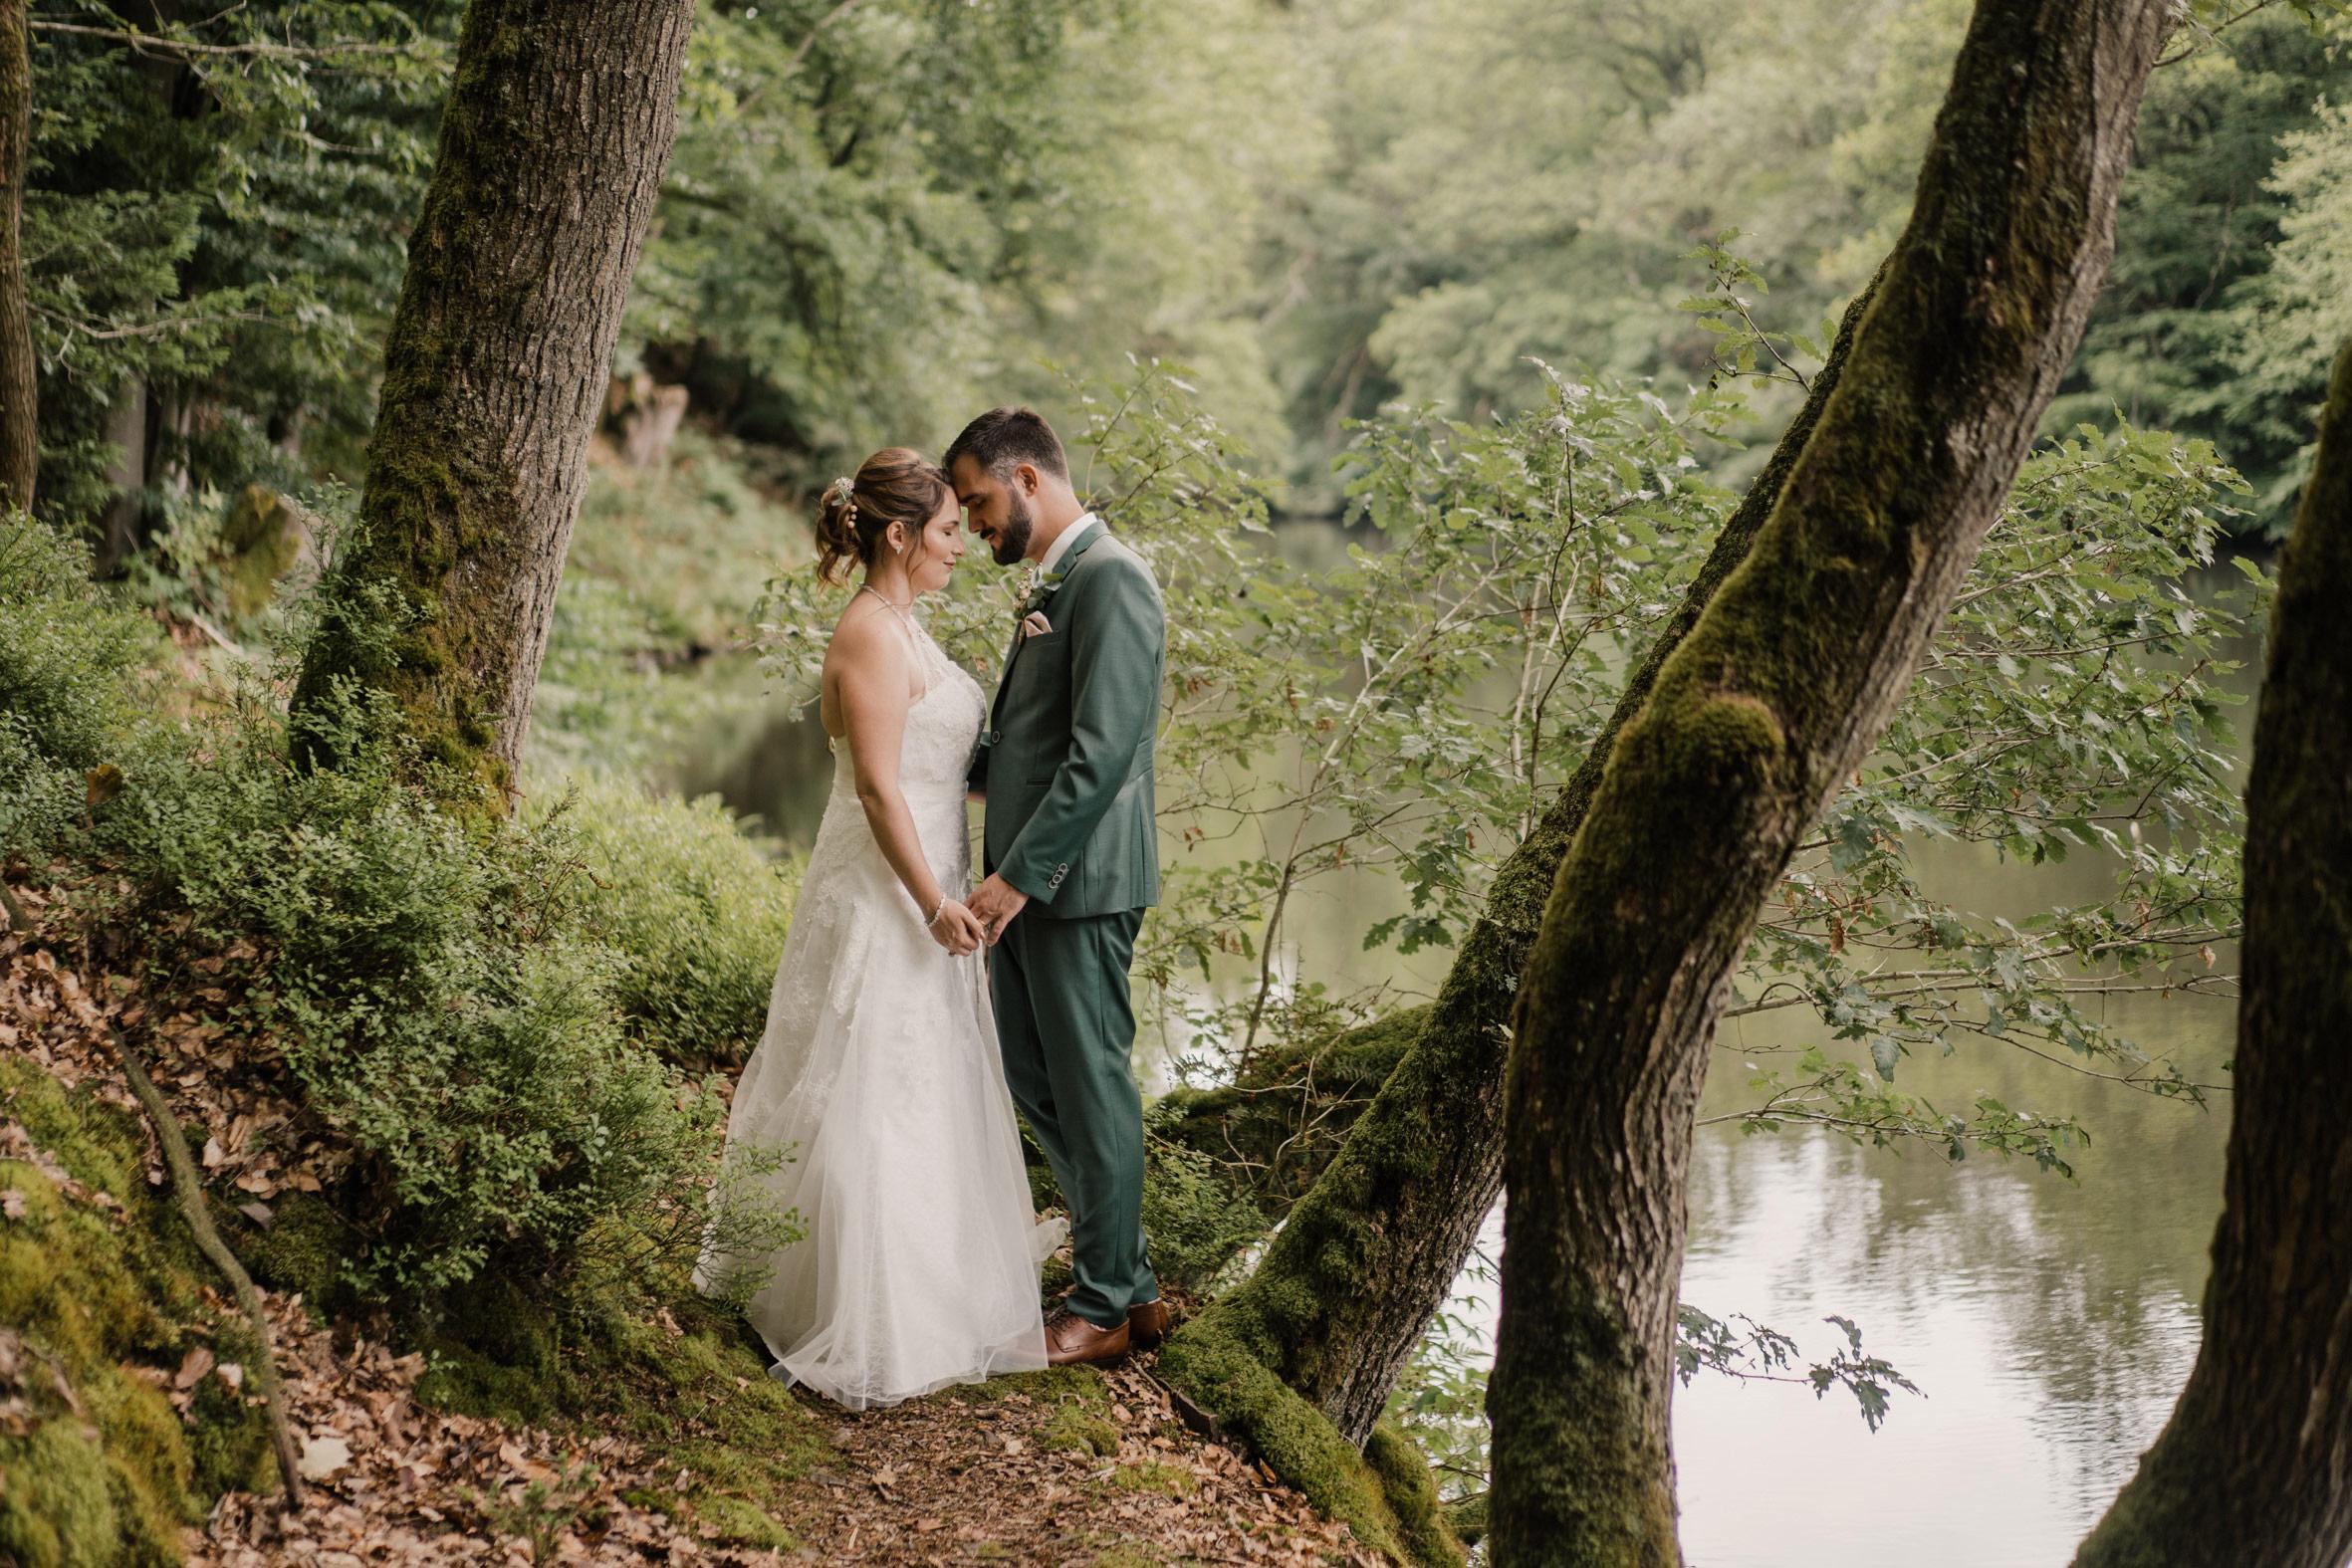 photographe_mariage_luxembourg_schengenerhaff_lorraine_a2